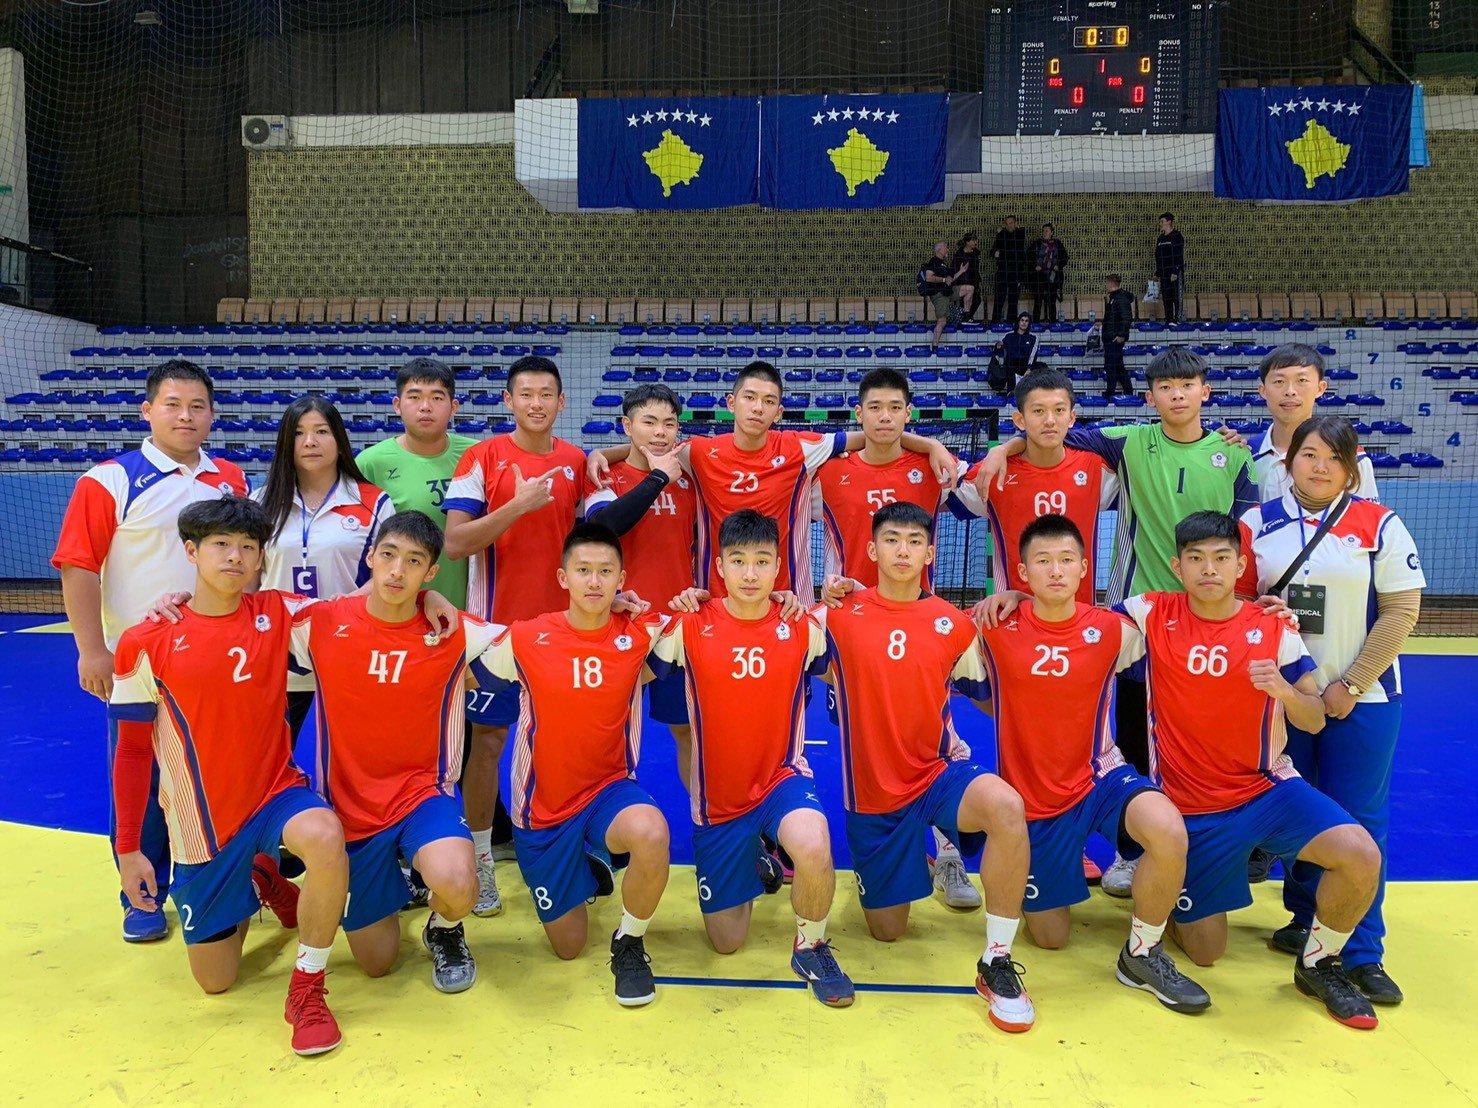 台灣手球代表參加 2019科索沃洲際挑戰賽